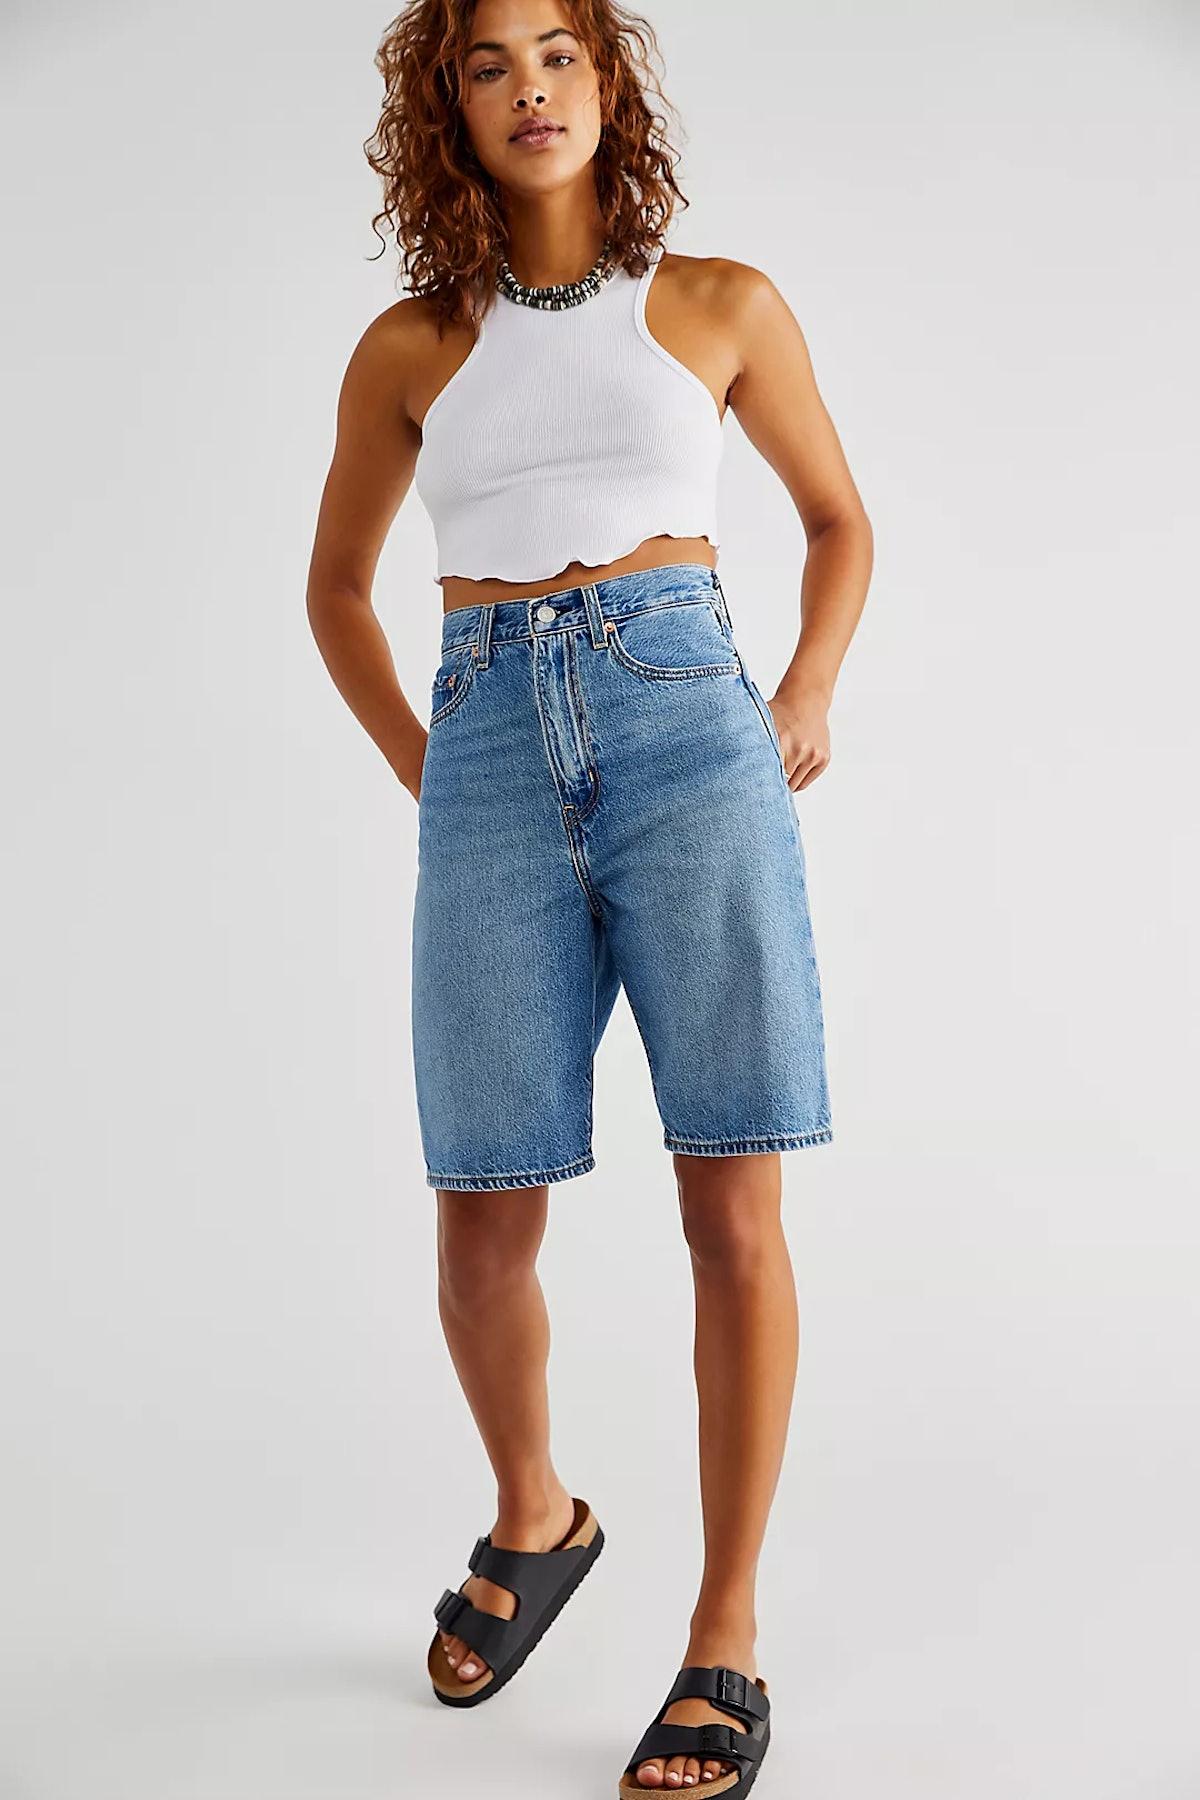 Free People Bermuda shorts.